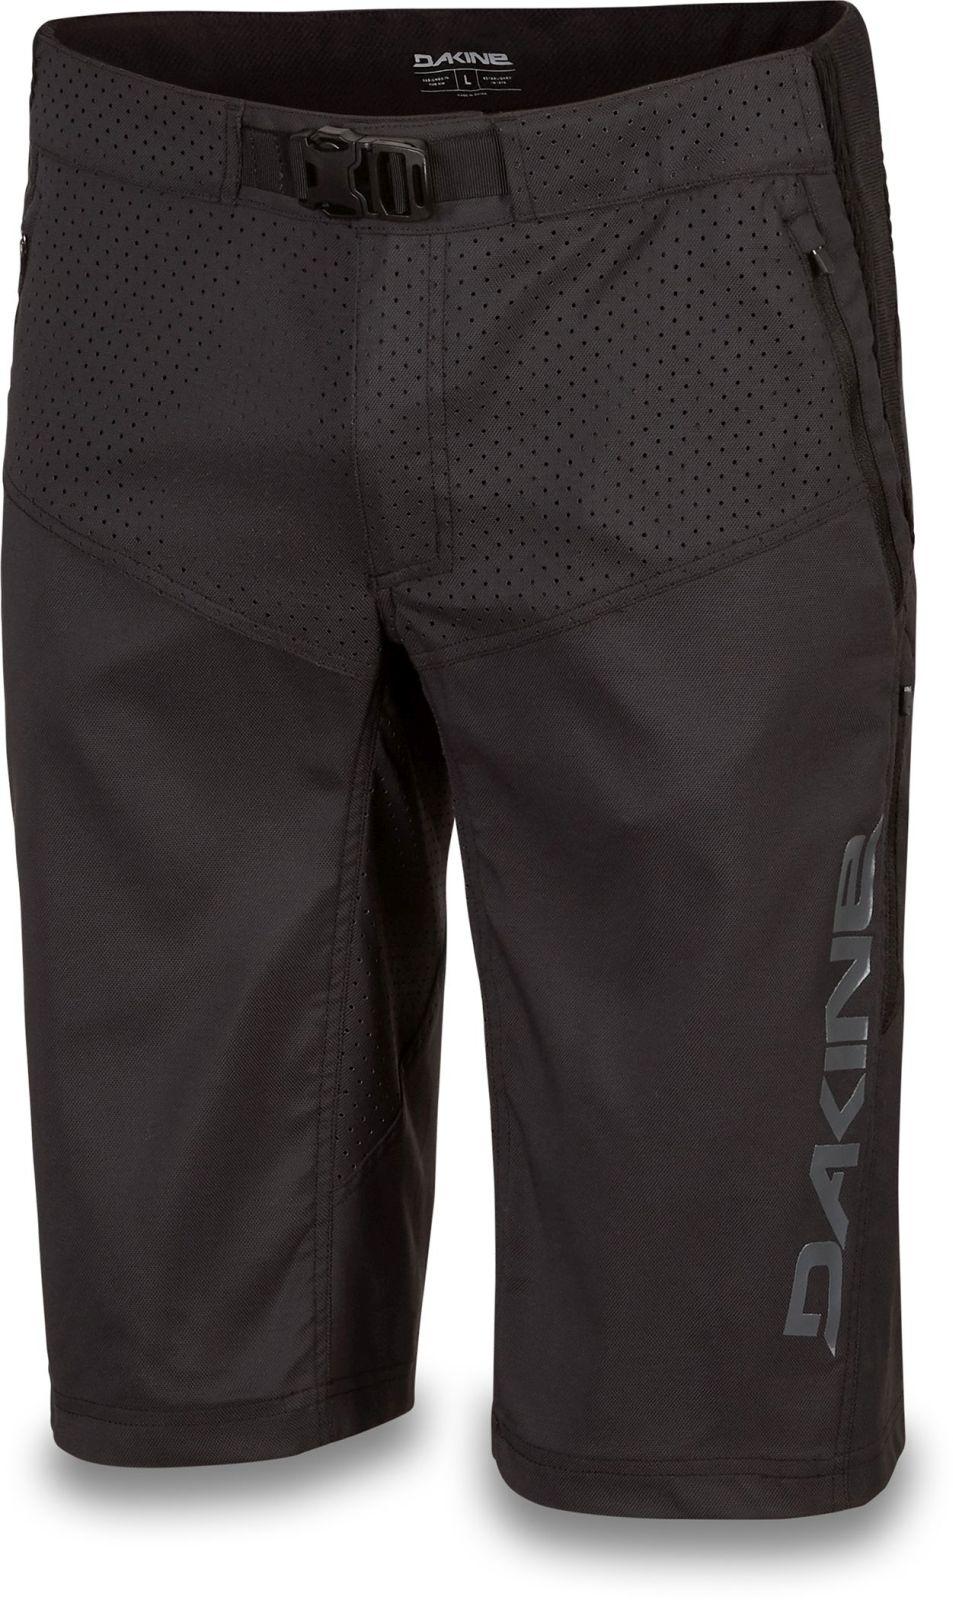 Dakine Thrillium Short - black XL